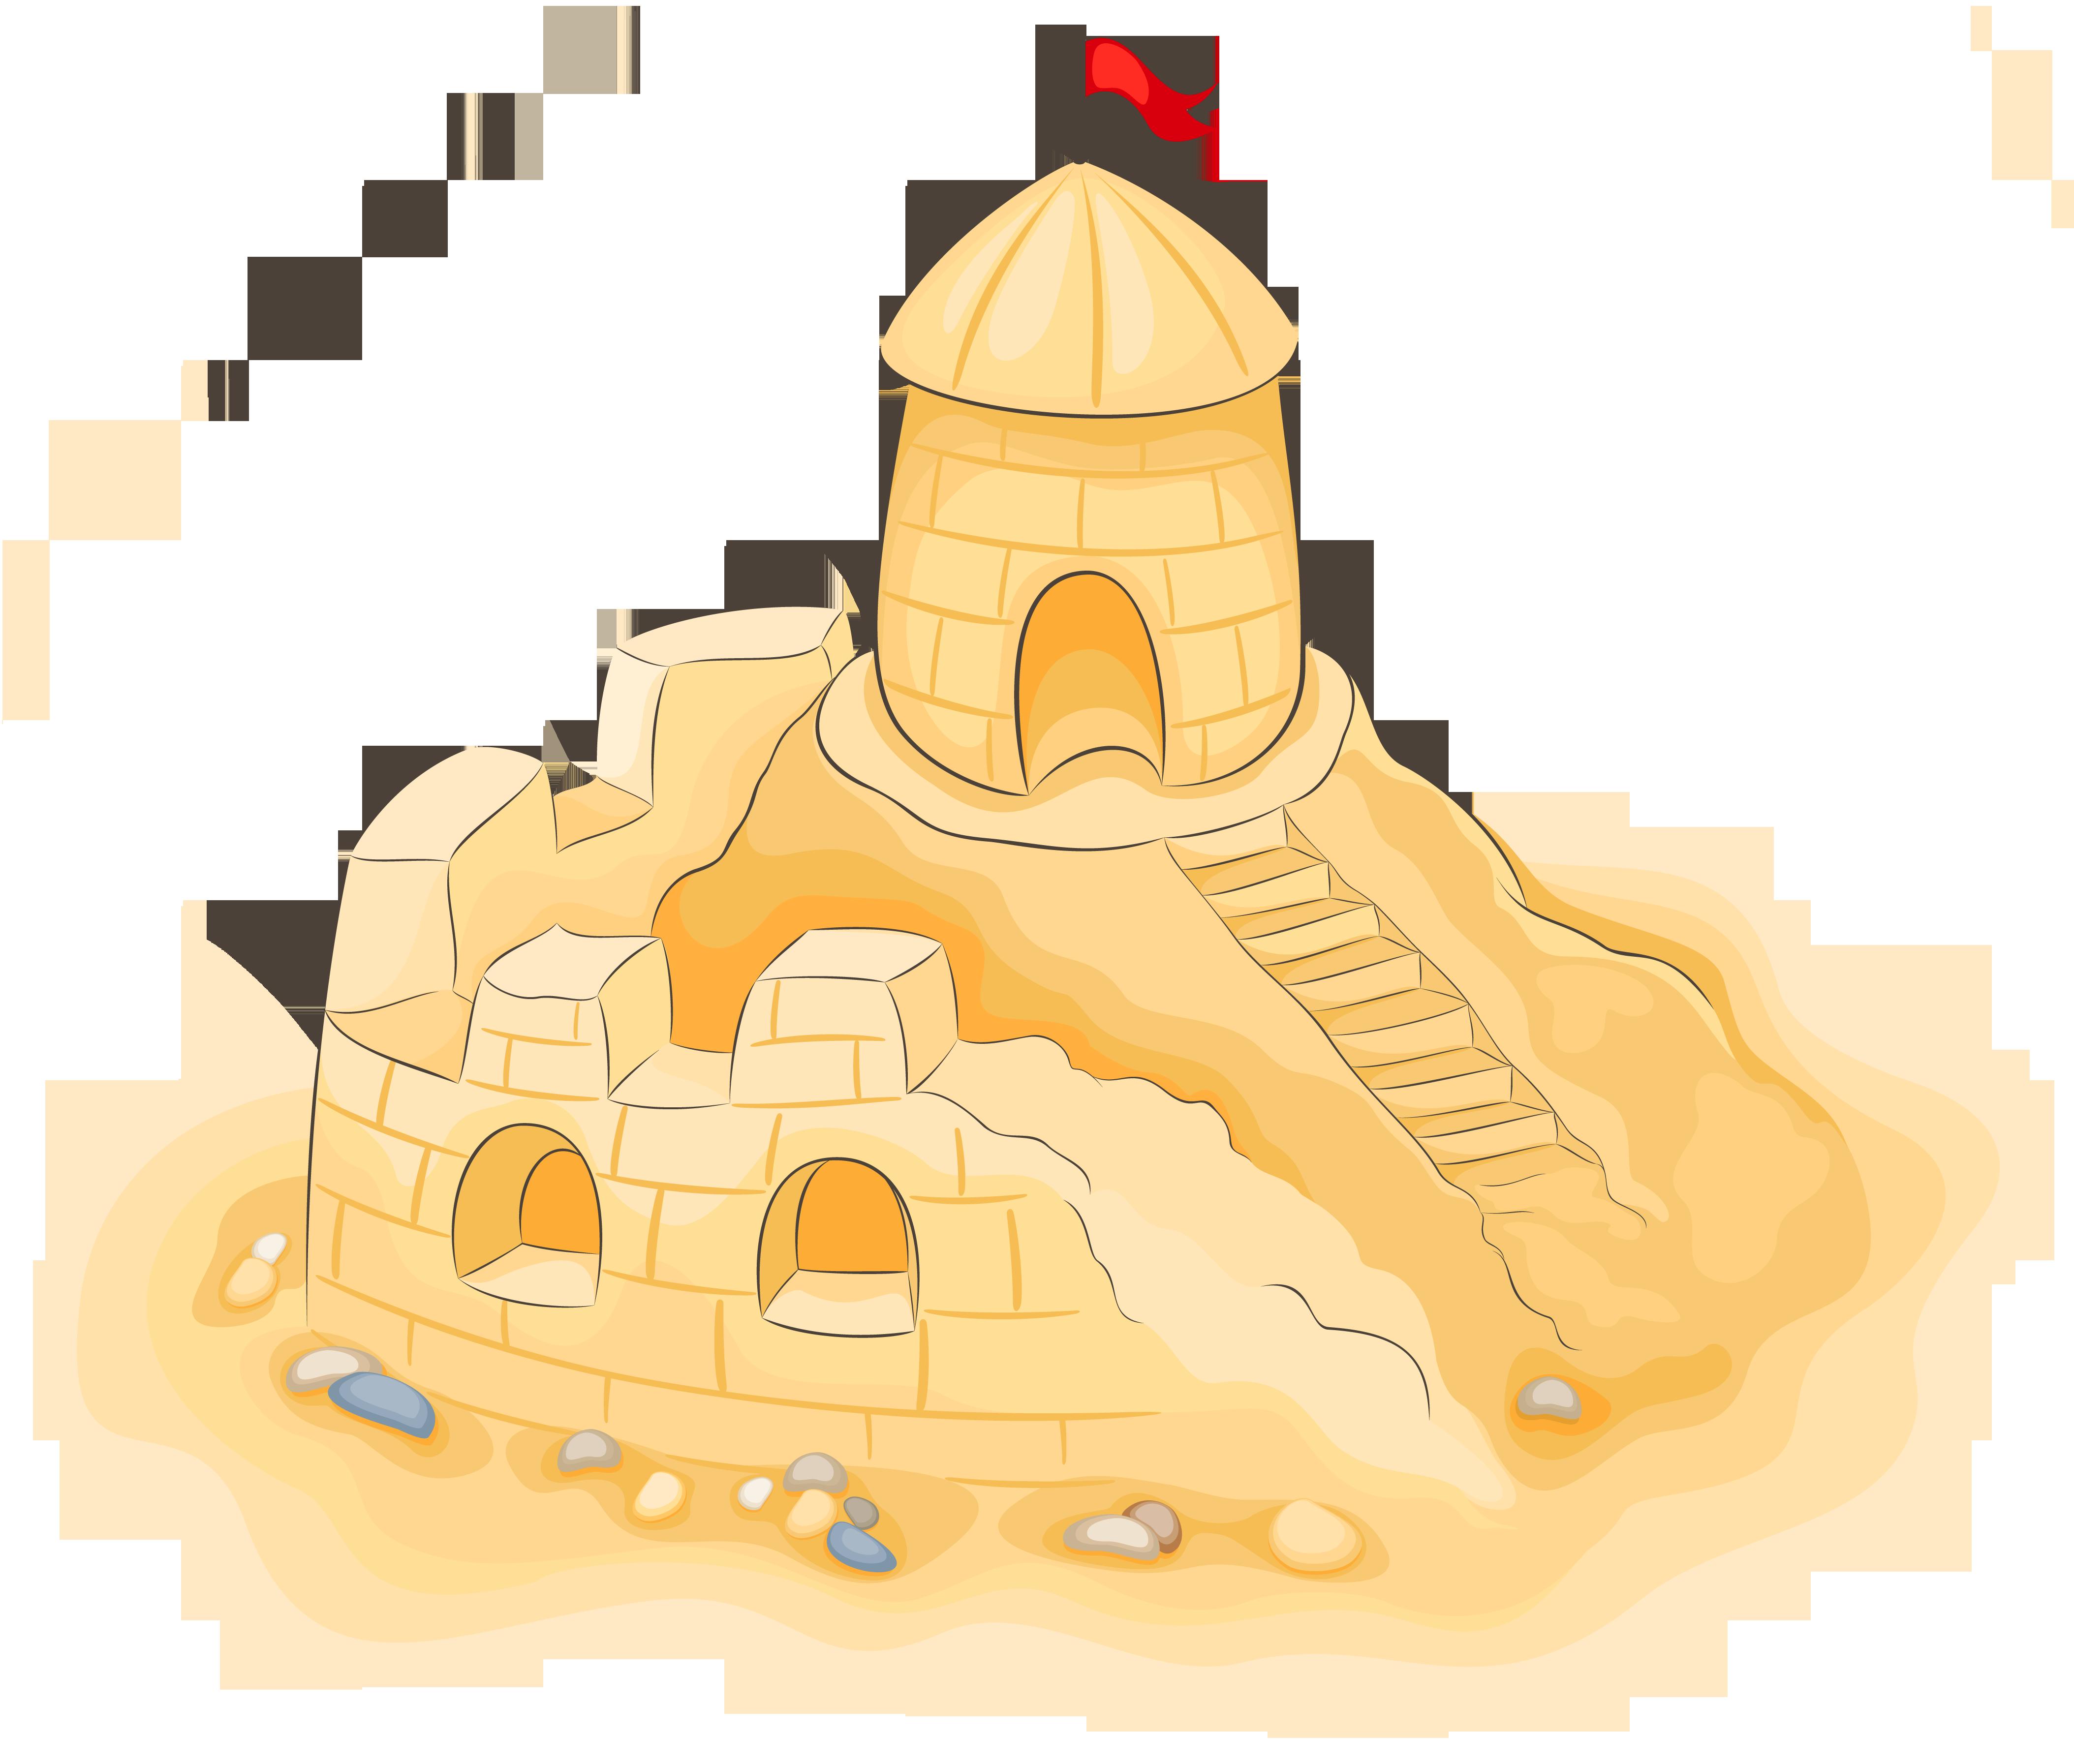 Transparent sand castle clipart picture